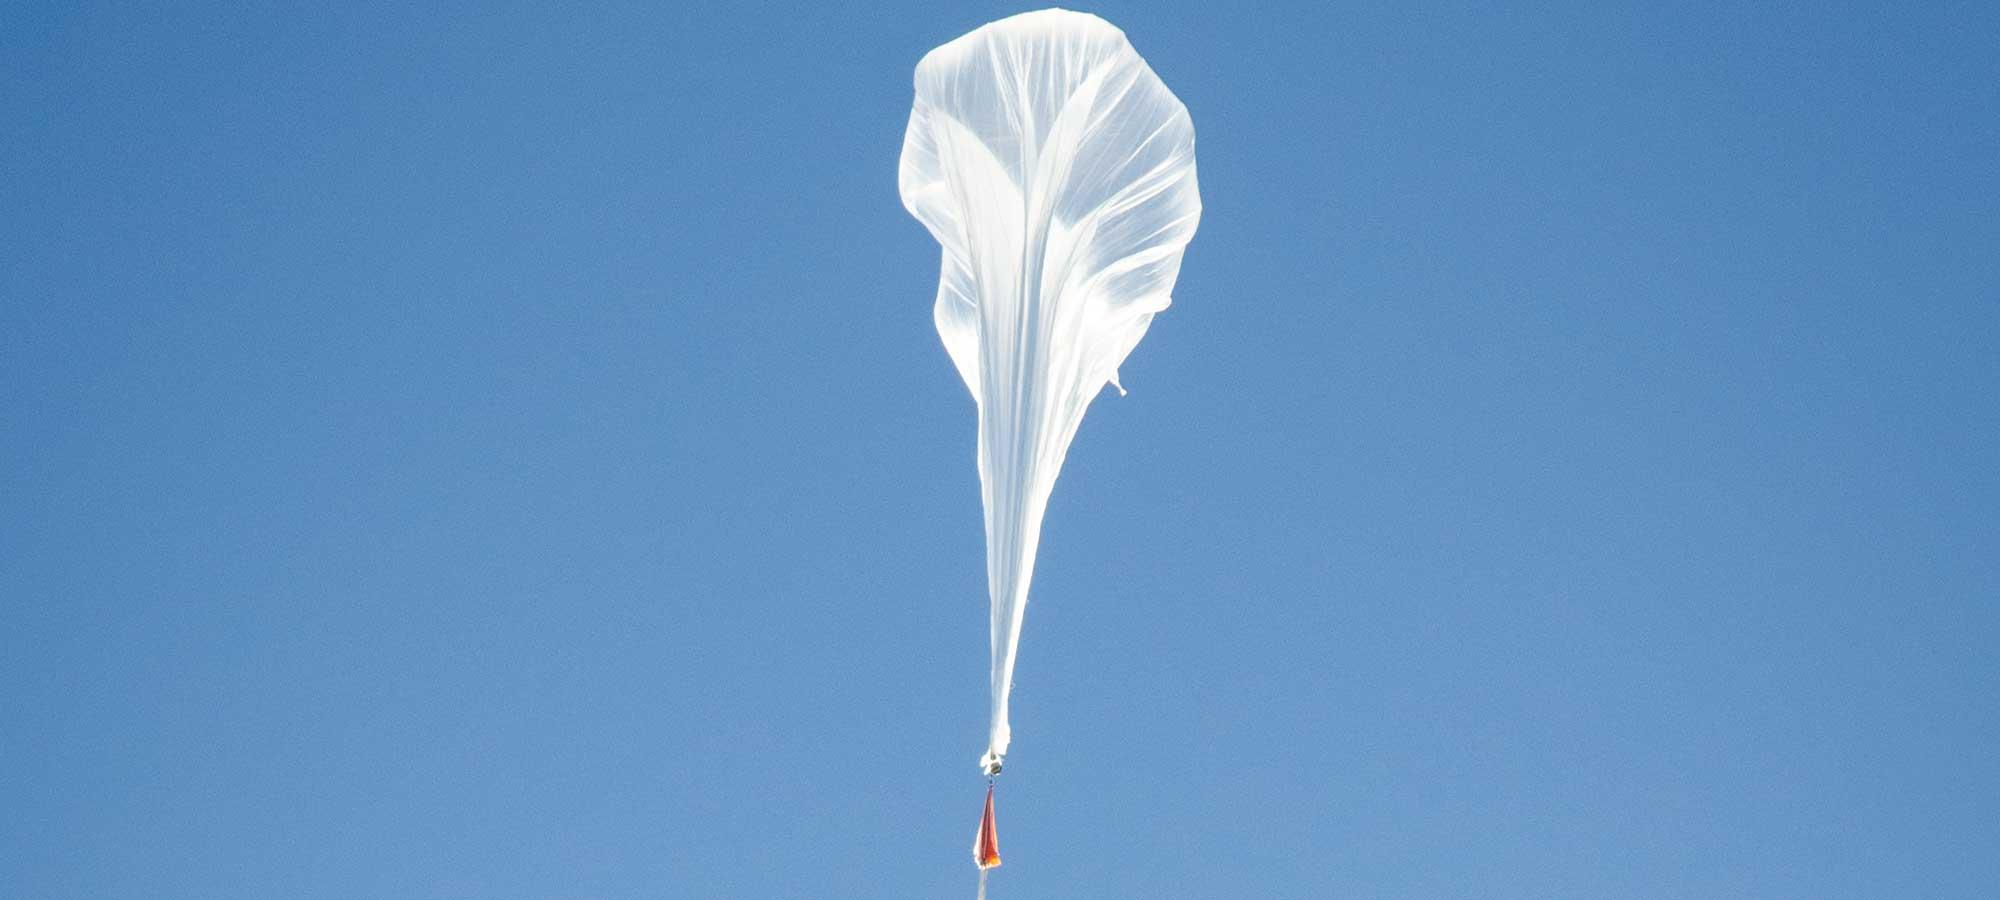 Sondraketer och ballonger